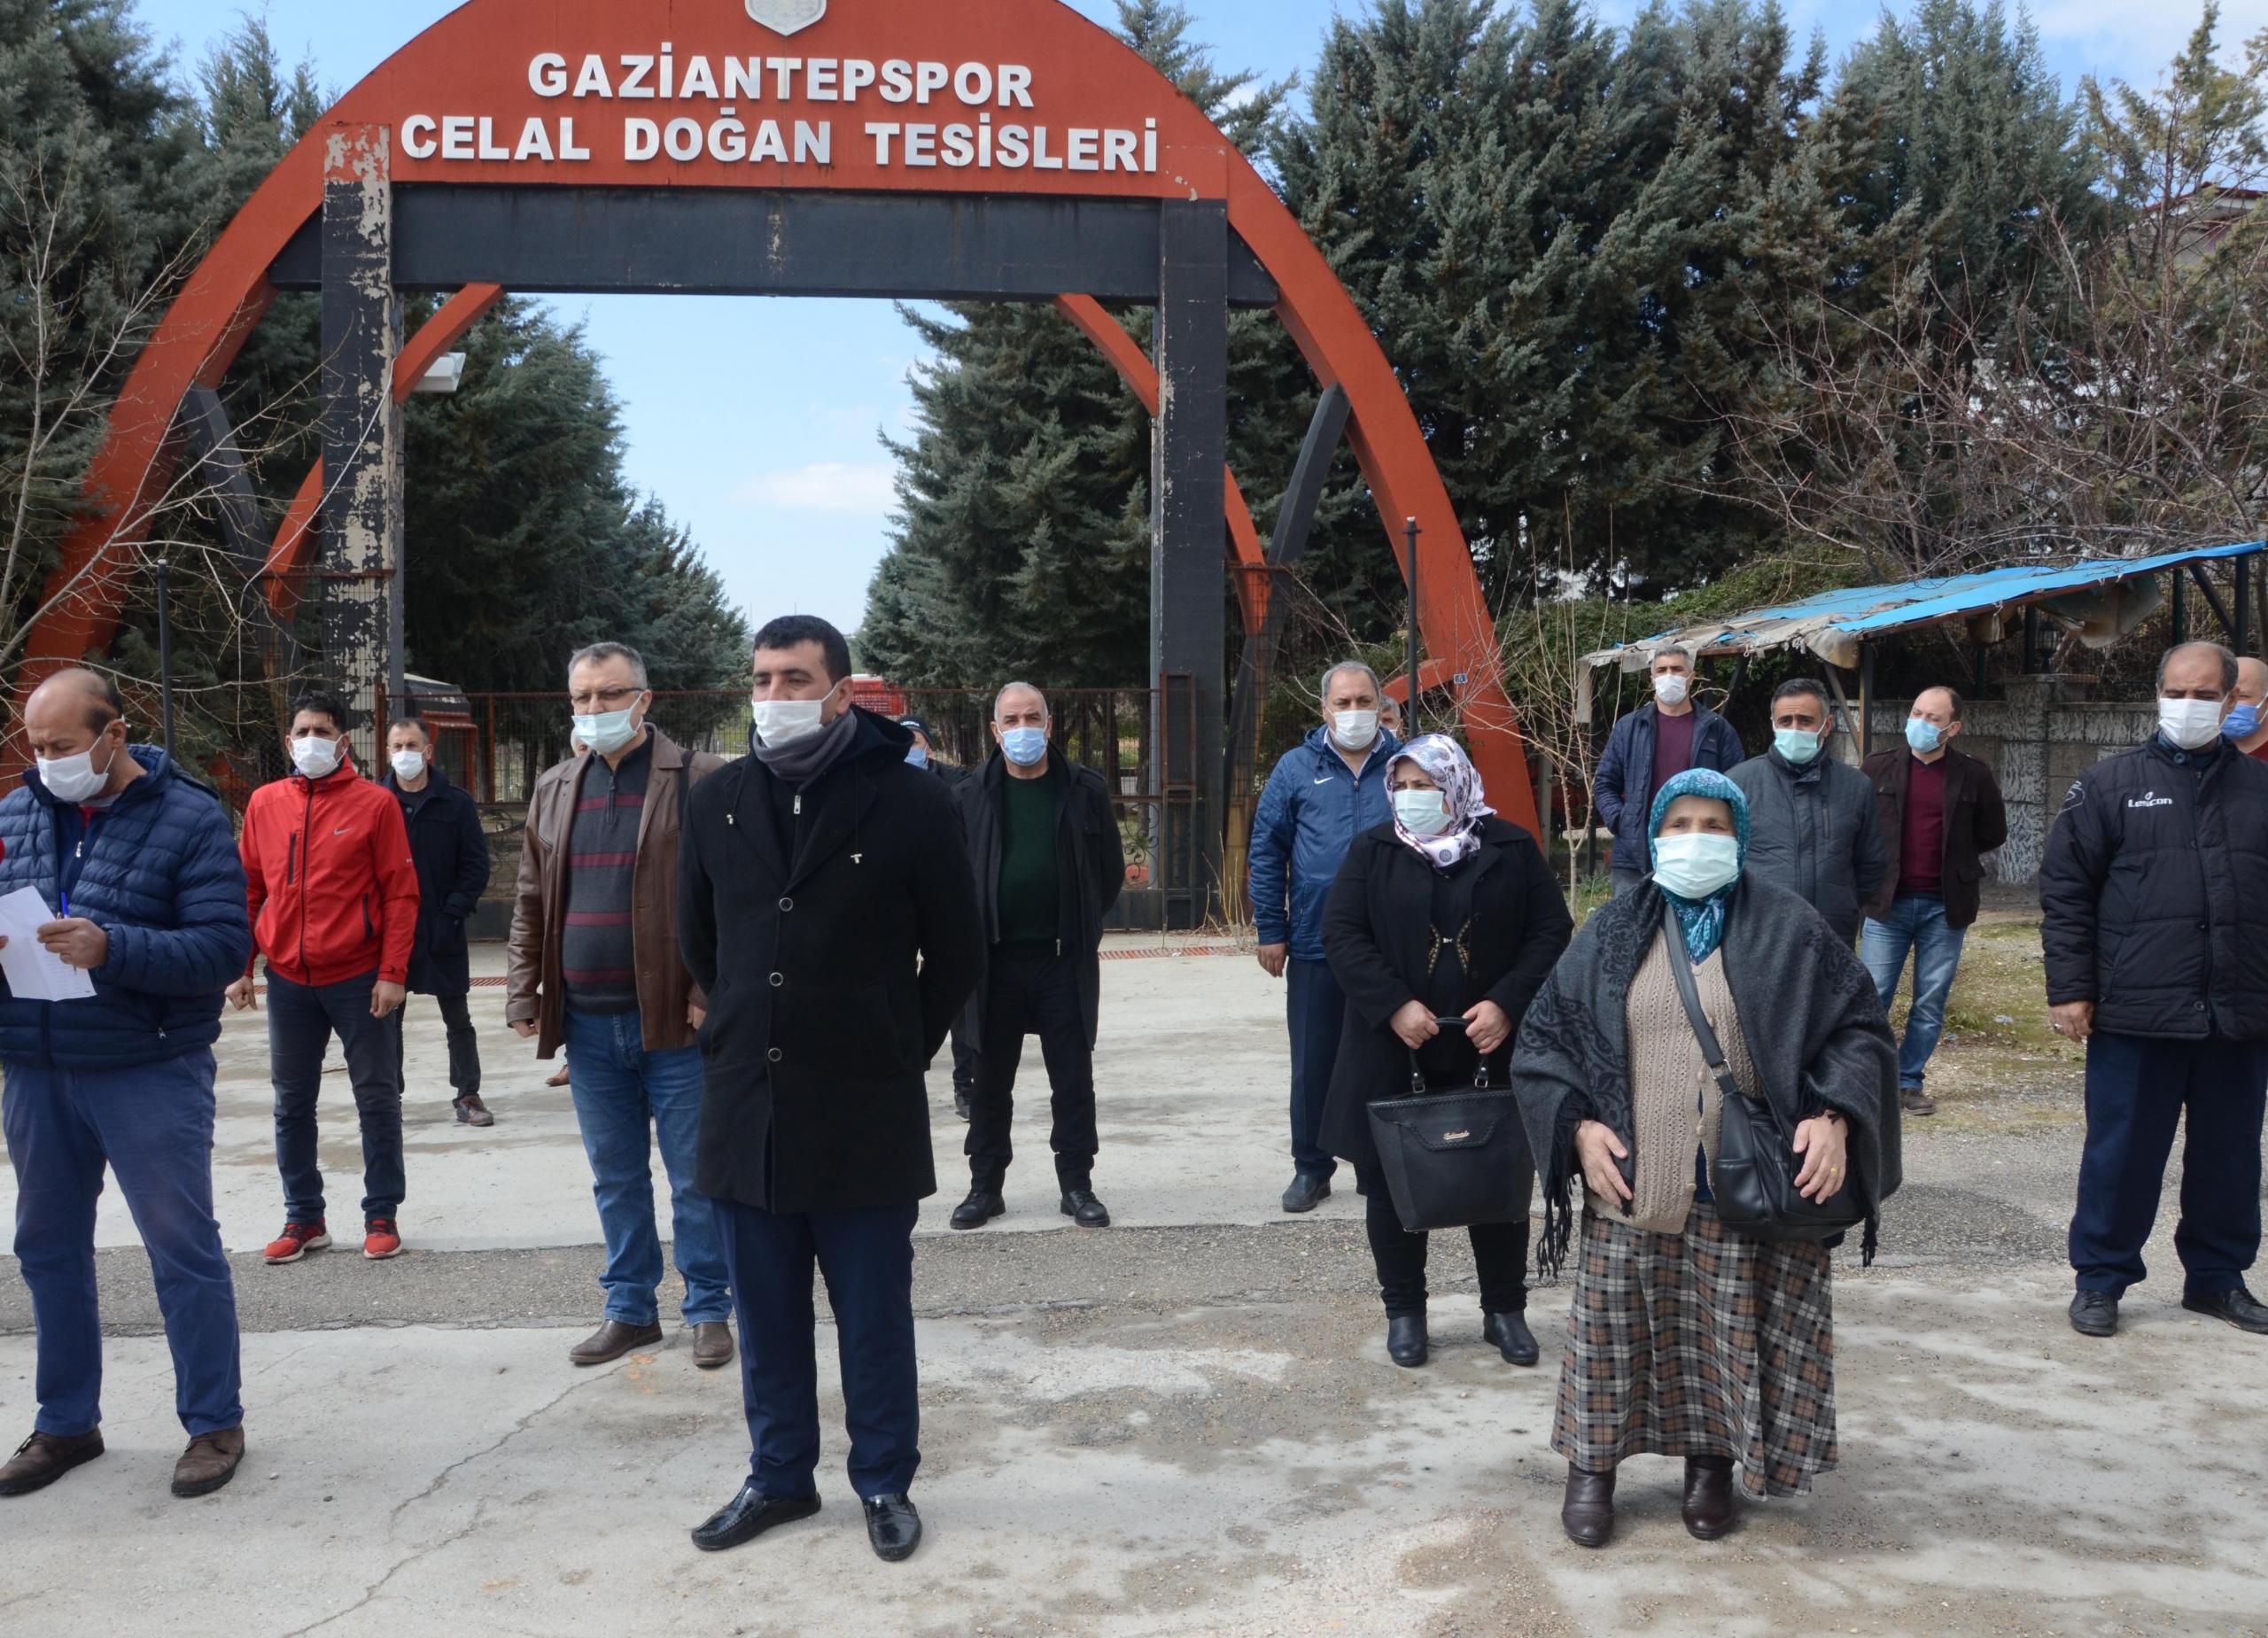 Gaziantepspor mağdurları: Davayı da kazandık, hakkımızı istiyoruz